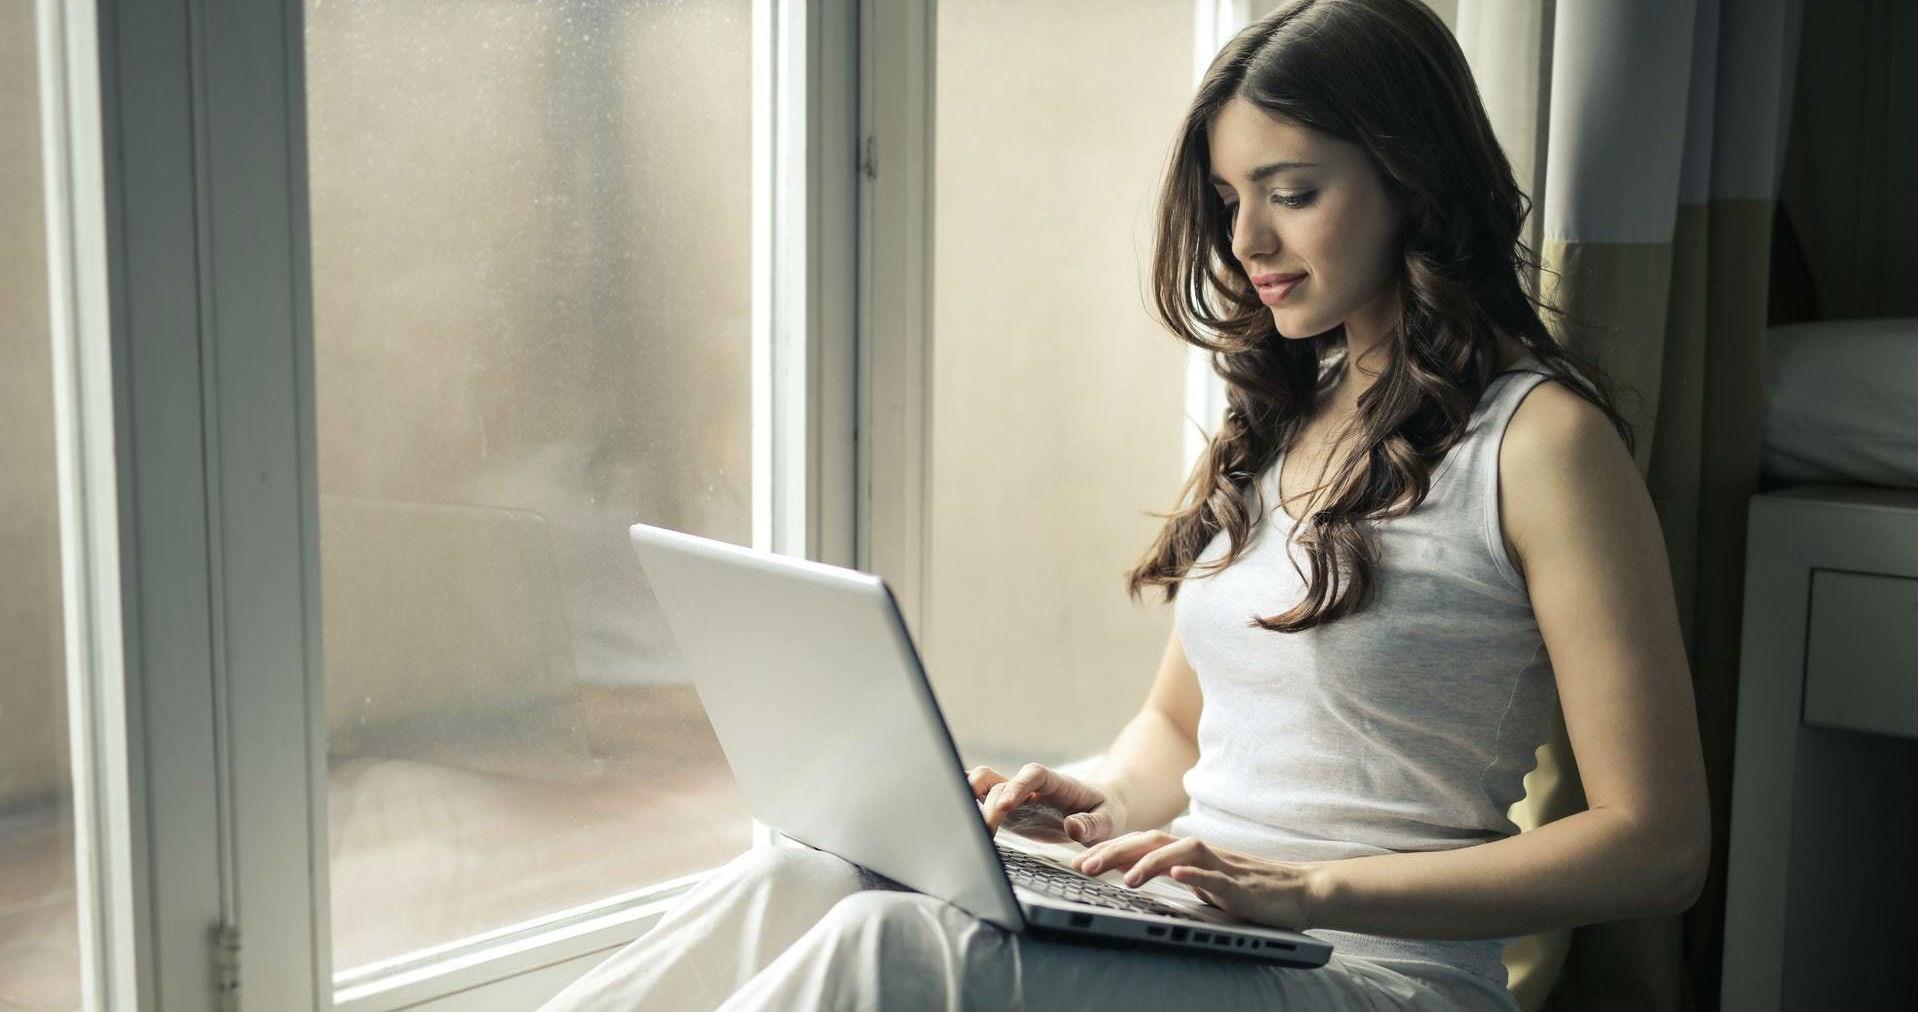 Модели работа на компьютере девушка модель тюмень работа